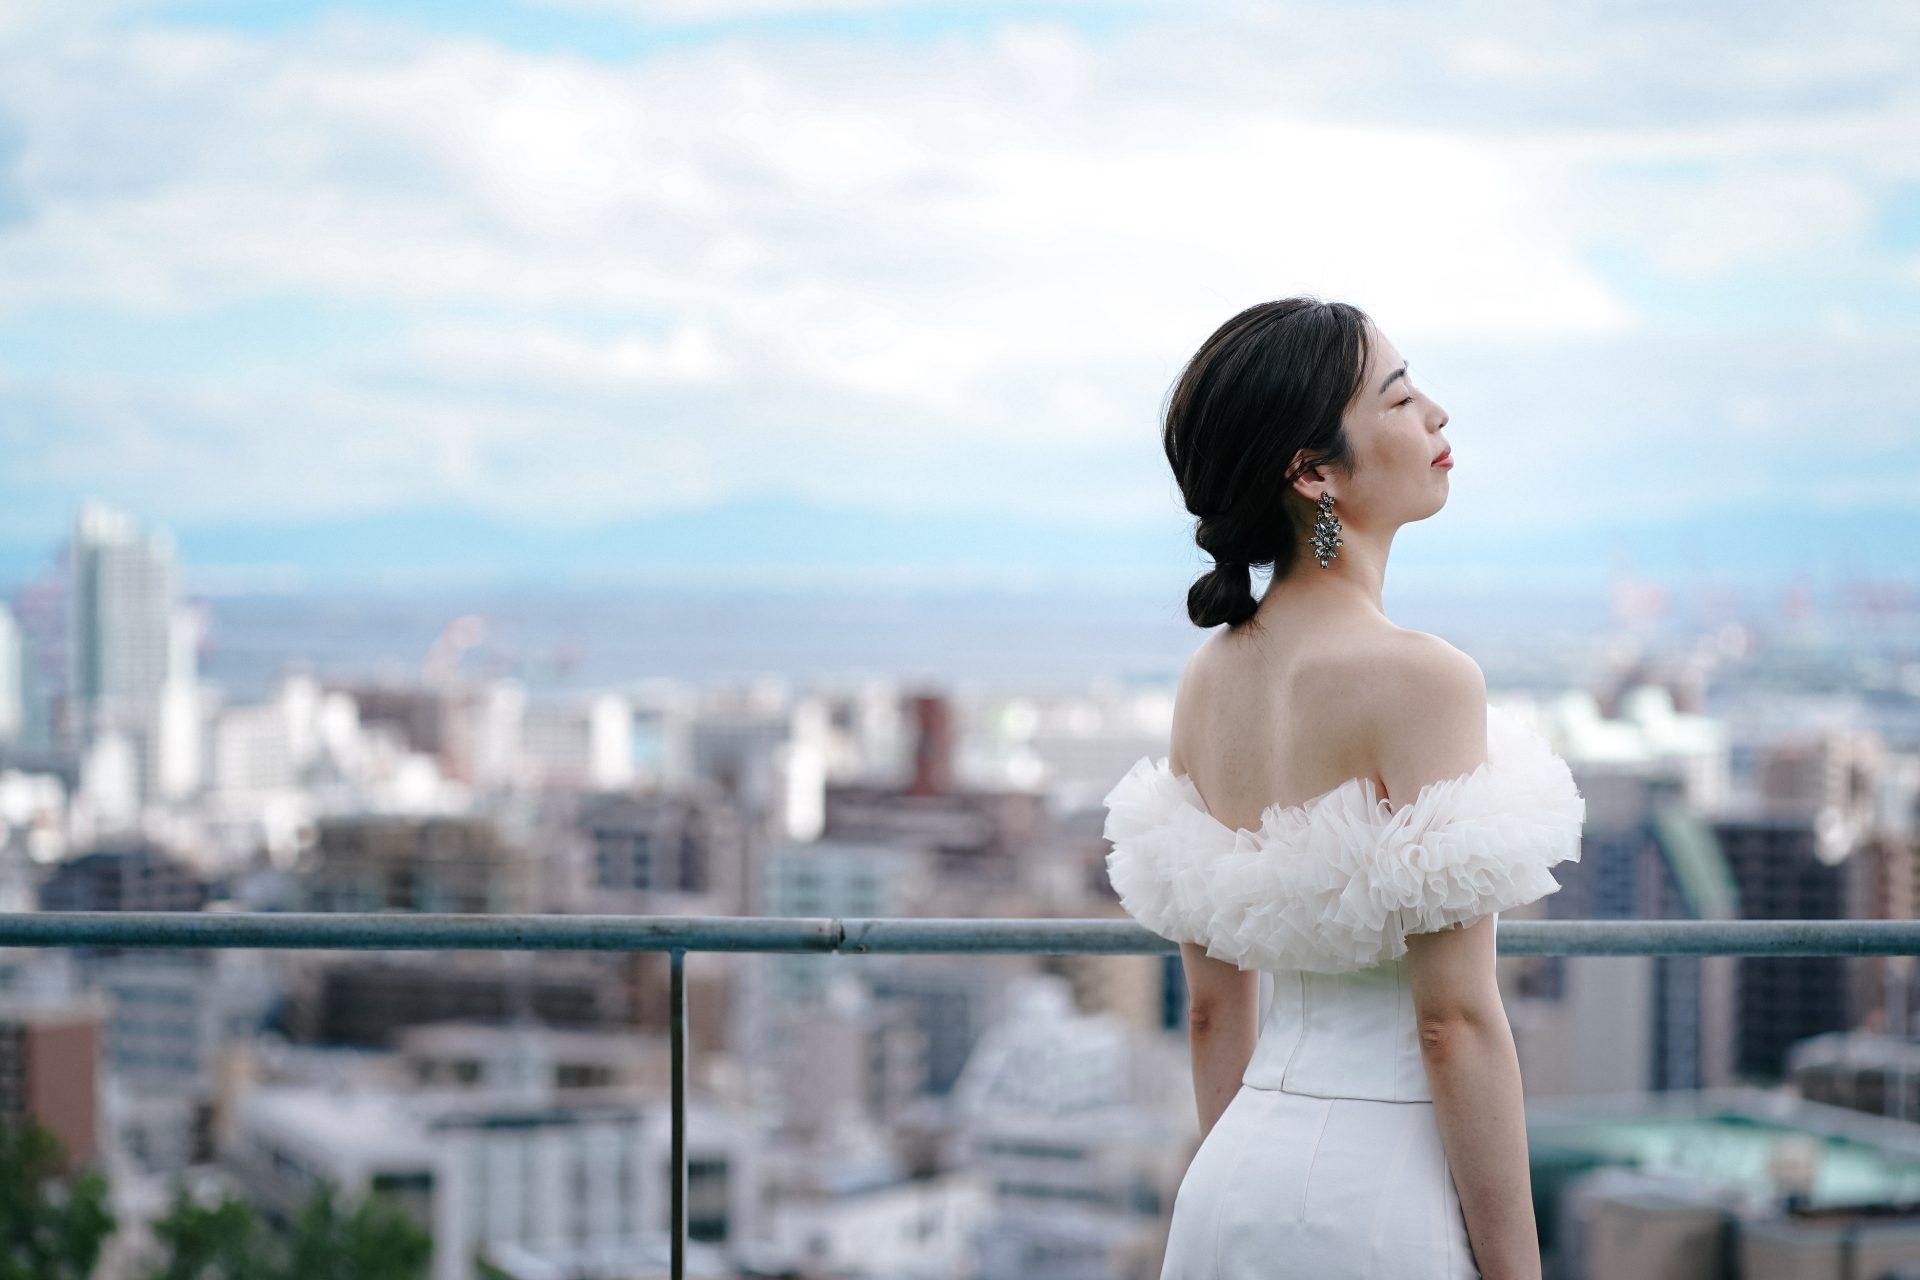 ザトリートドレッシング神戸店がおすすめするトモコイズミフォートリートメゾンのパンツスタイルのウェディングドレスとオスカーデラレンタのイヤリングのコーディネートのご紹介